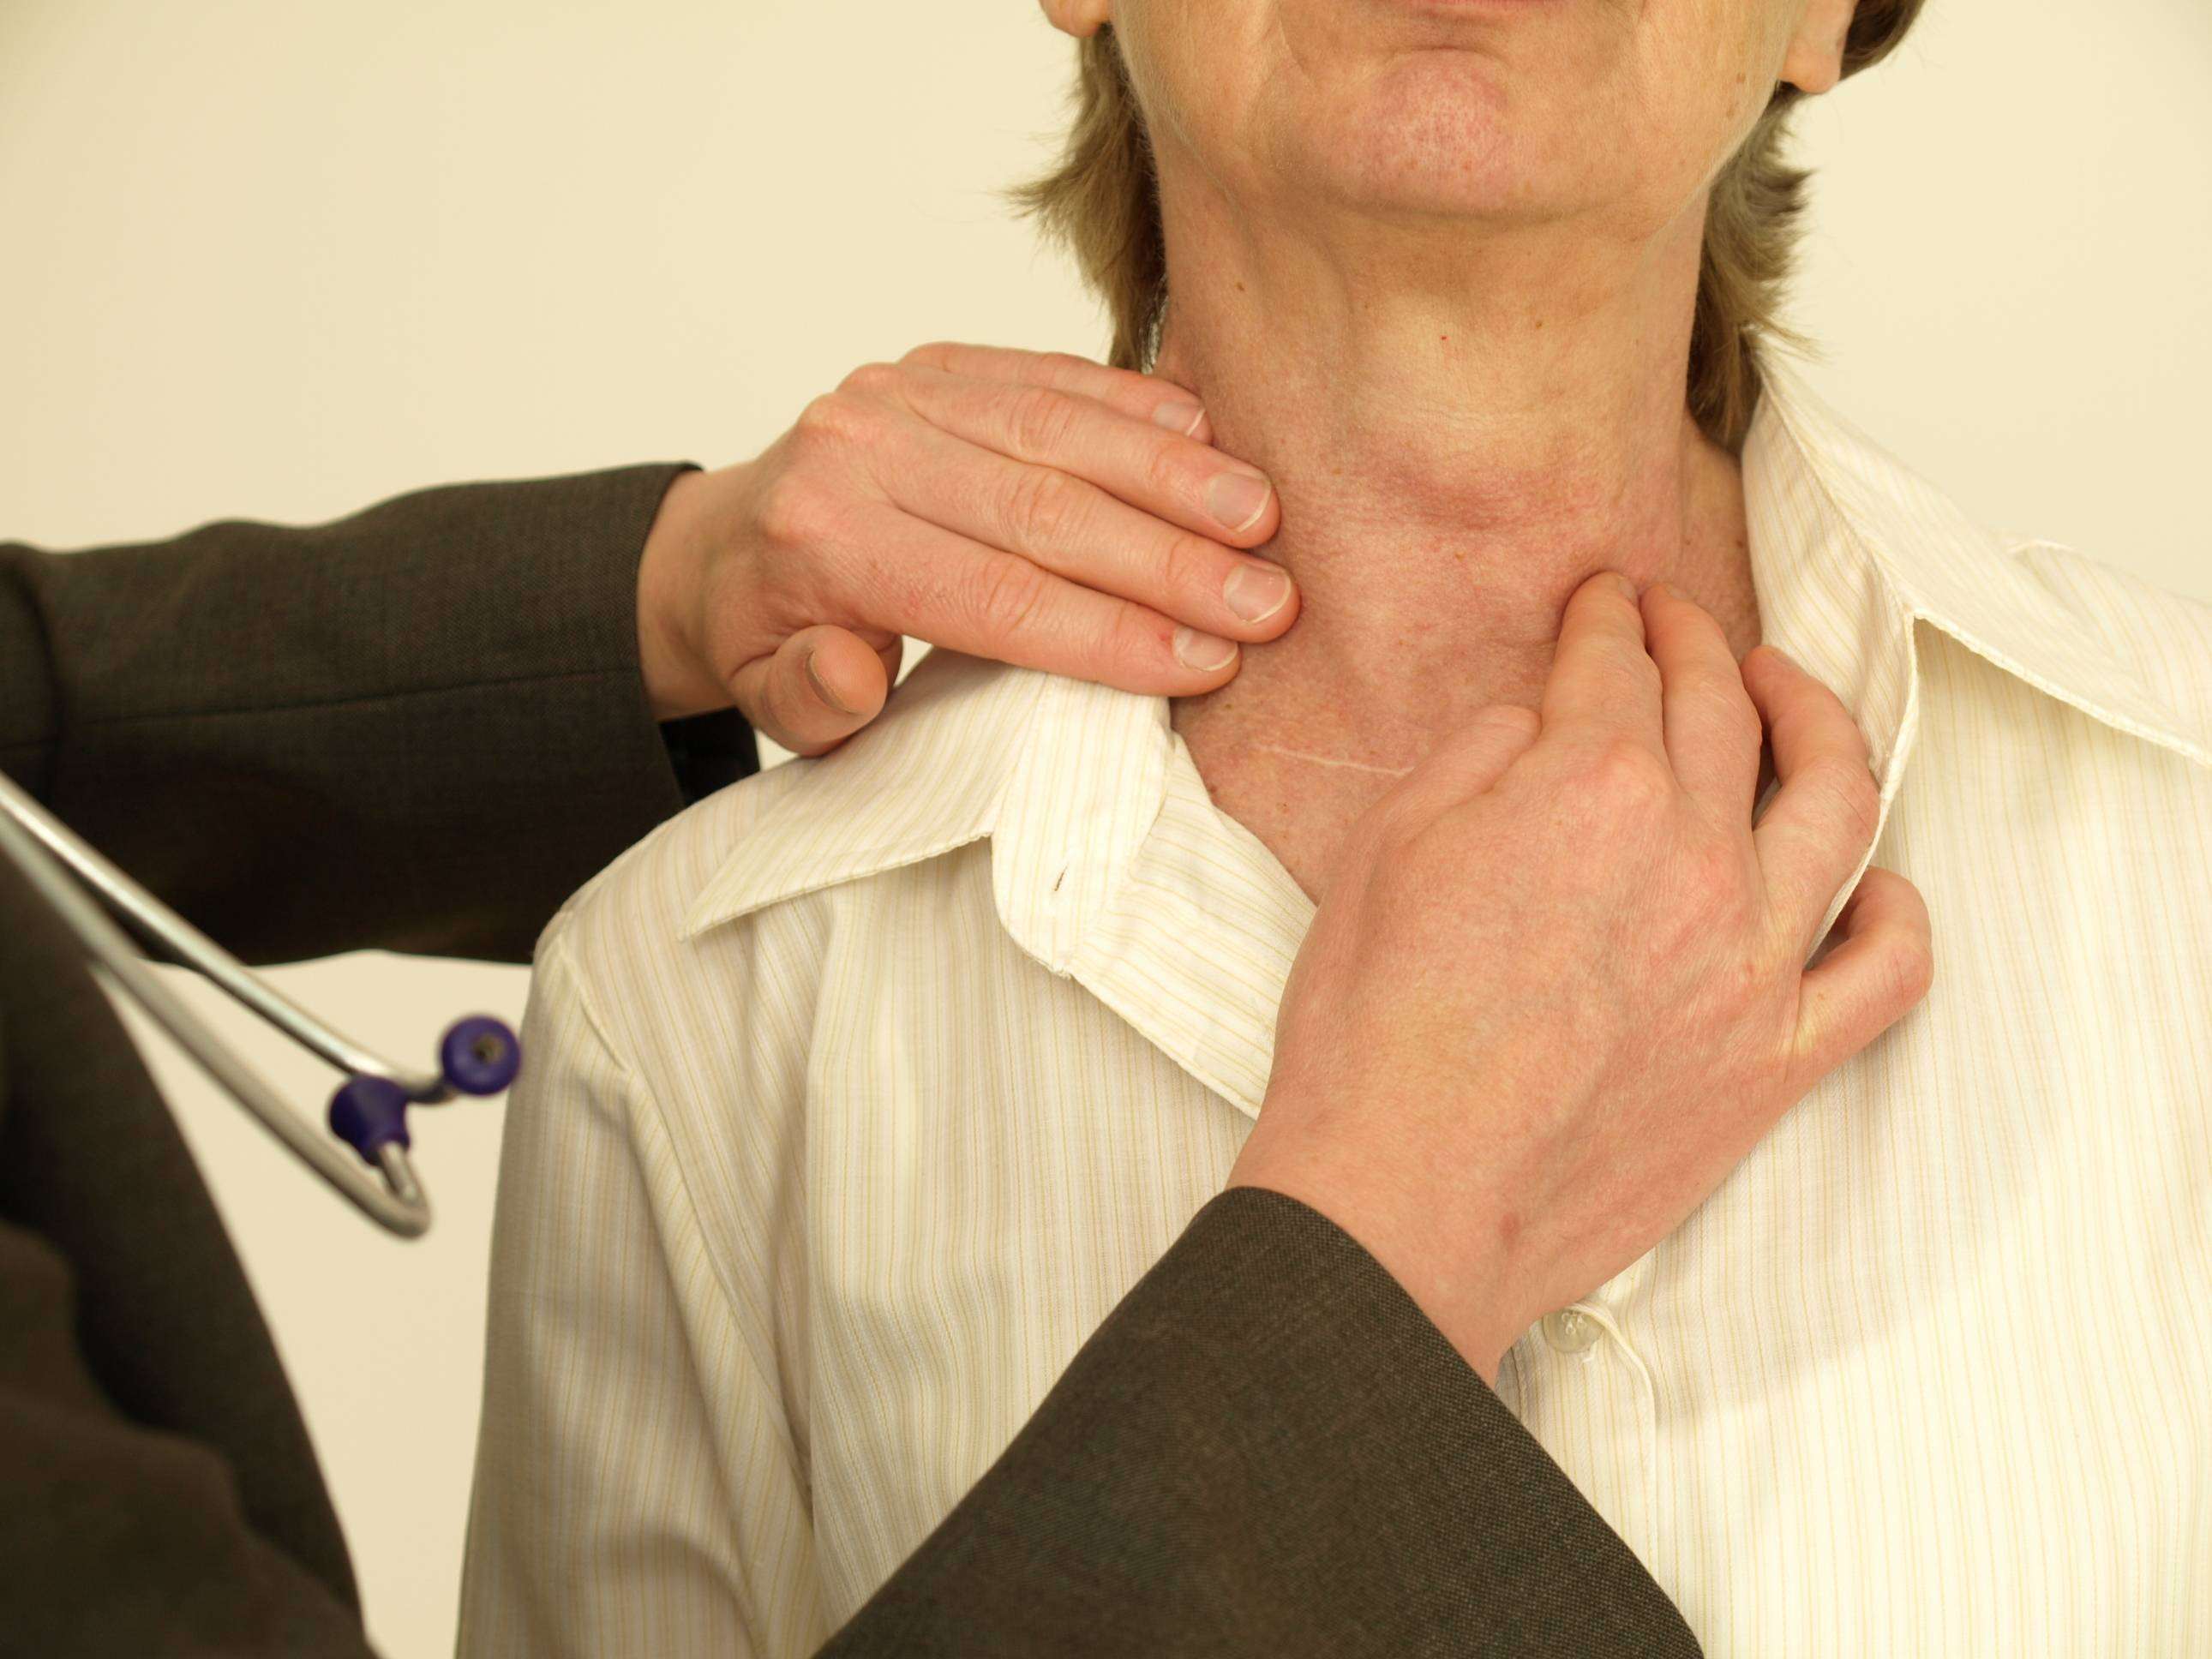 Может ли при заболеваниях щитовидки болеть горло во время глотания?